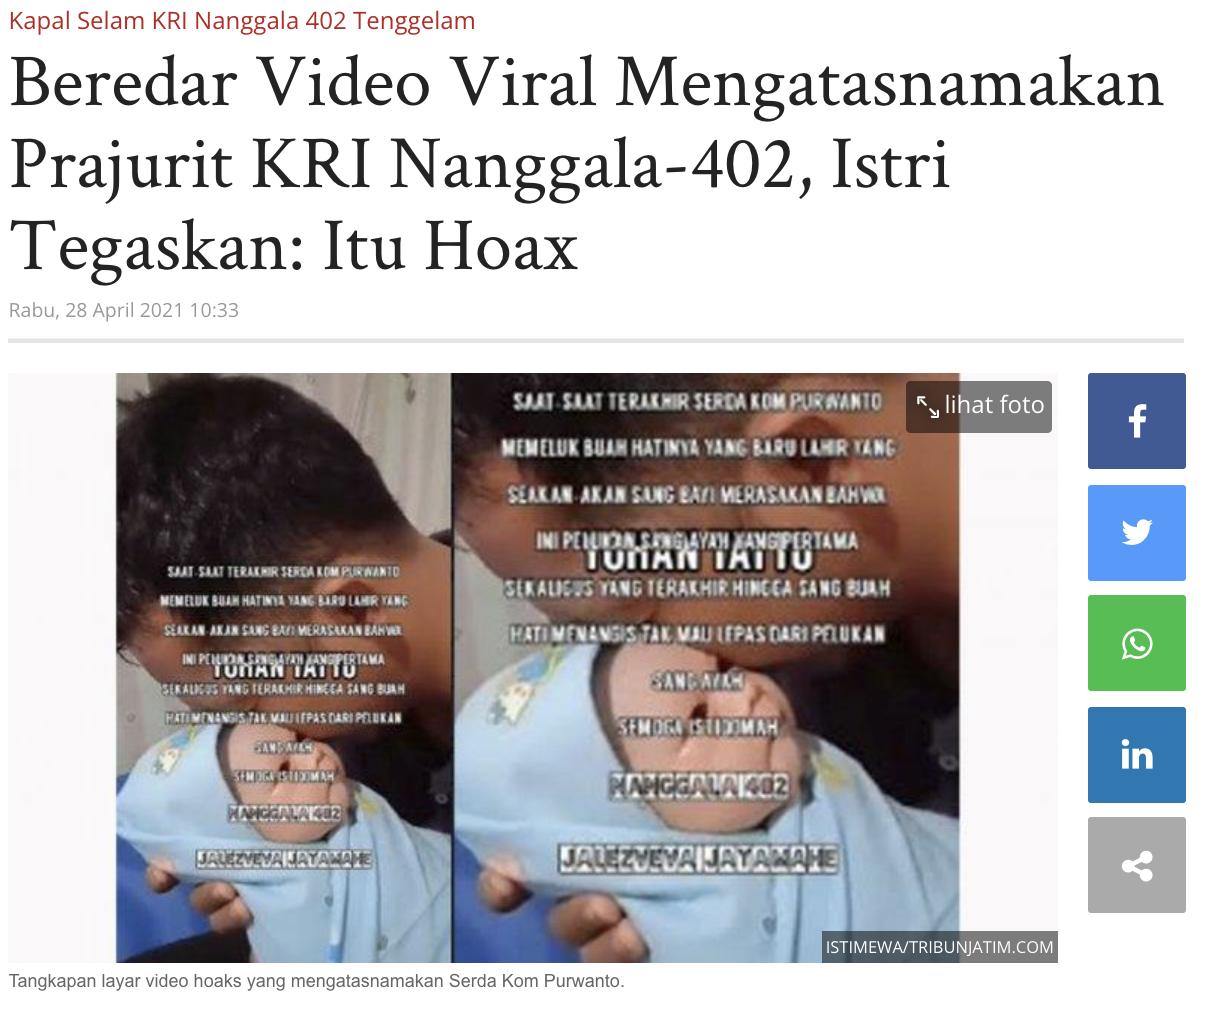 [Cek Fakta] Video Prajurit KRI Nanggala 402 Menggendong Bayinya yang Baru Lahir Sebelum Berlayar? Ini Faktanya